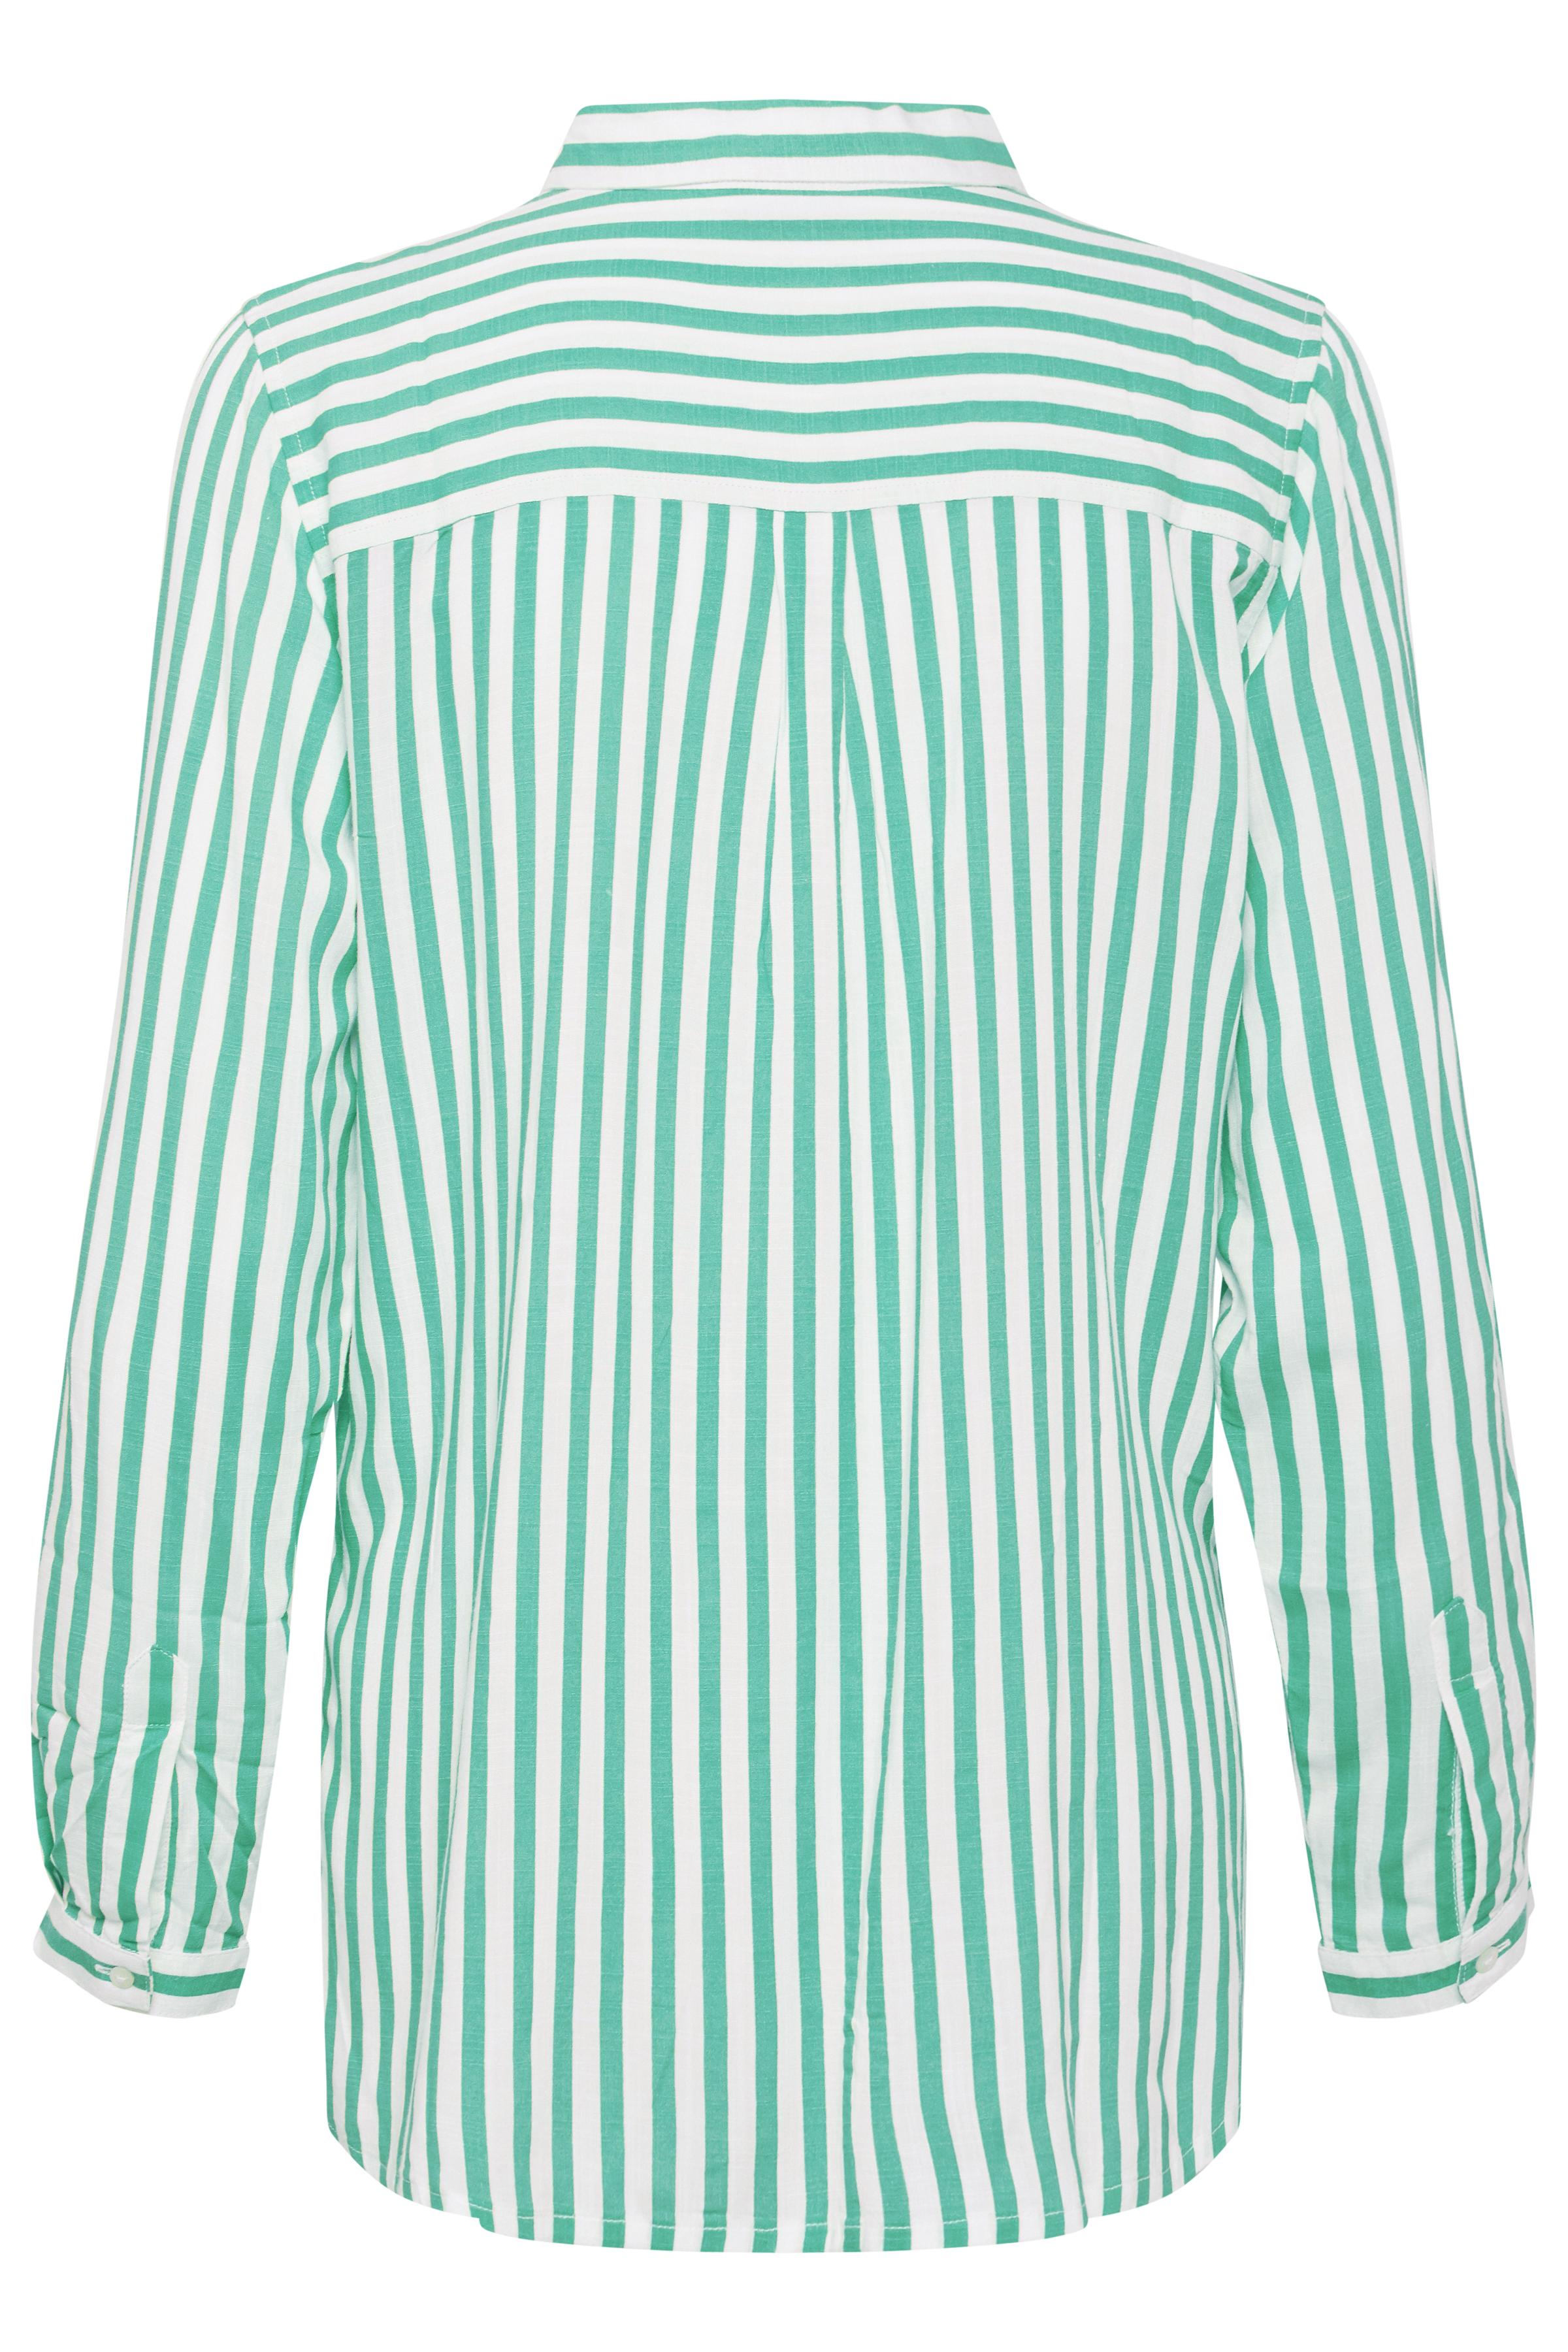 Fresh Green combi Overhemd met lang mouwen van b.young – Koop Fresh Green combi Overhemd met lang mouwen hier van size 34-44